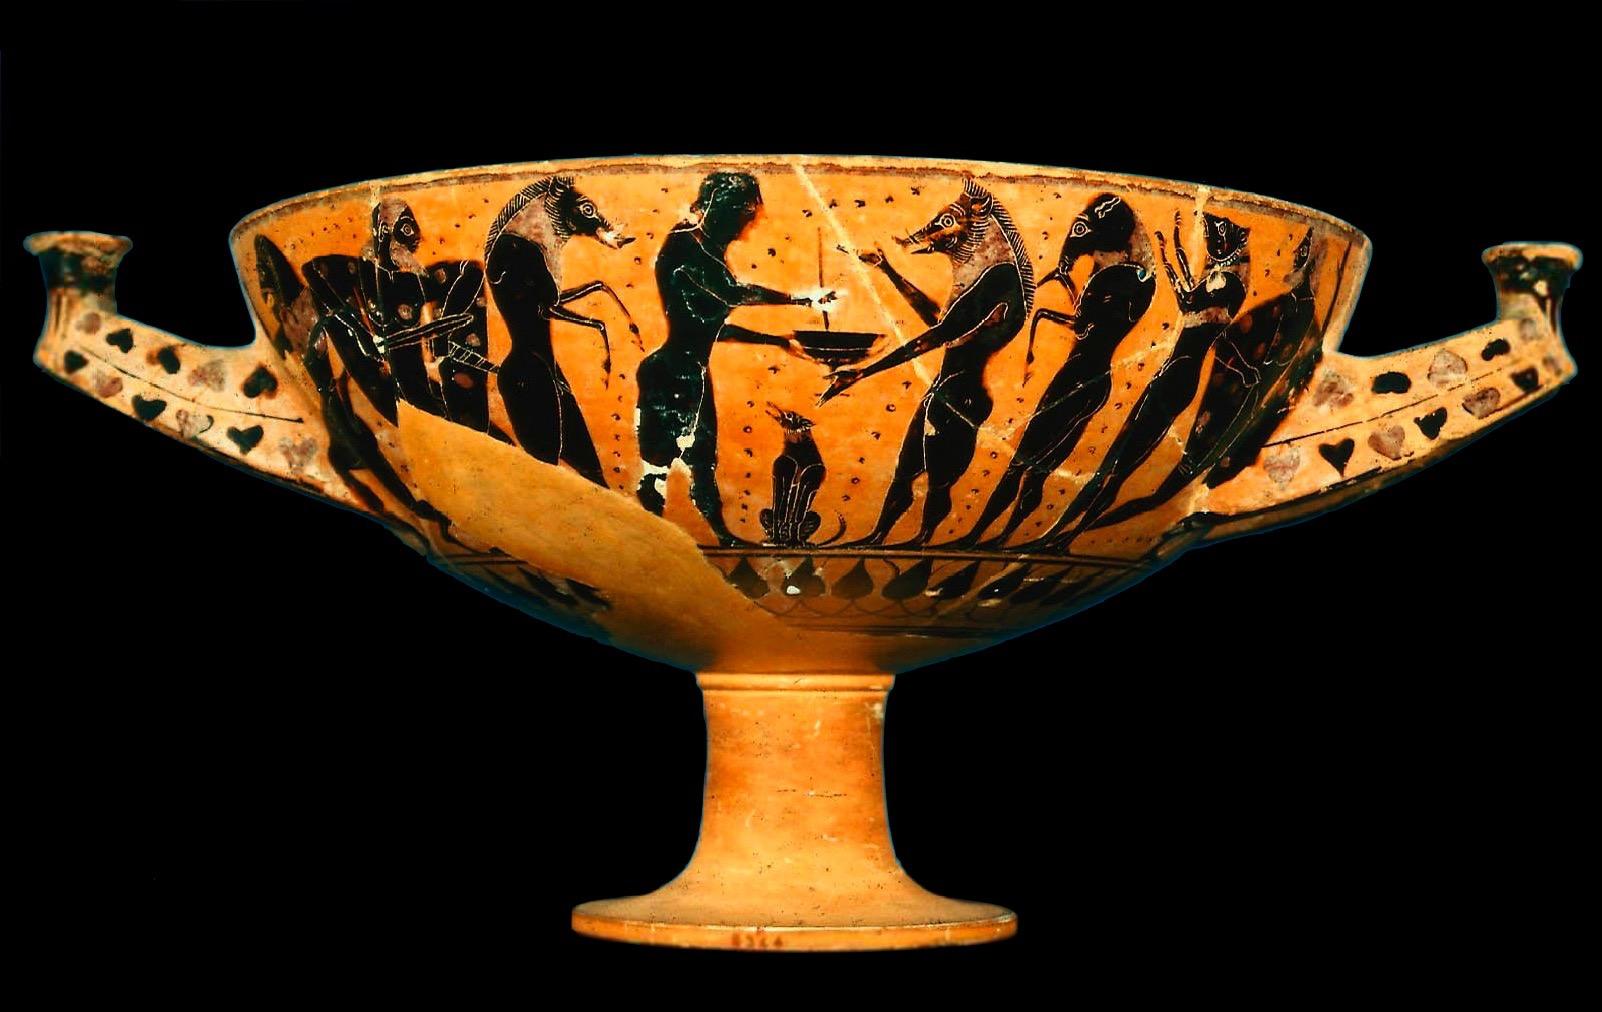 Odyssey kylix (MFA)